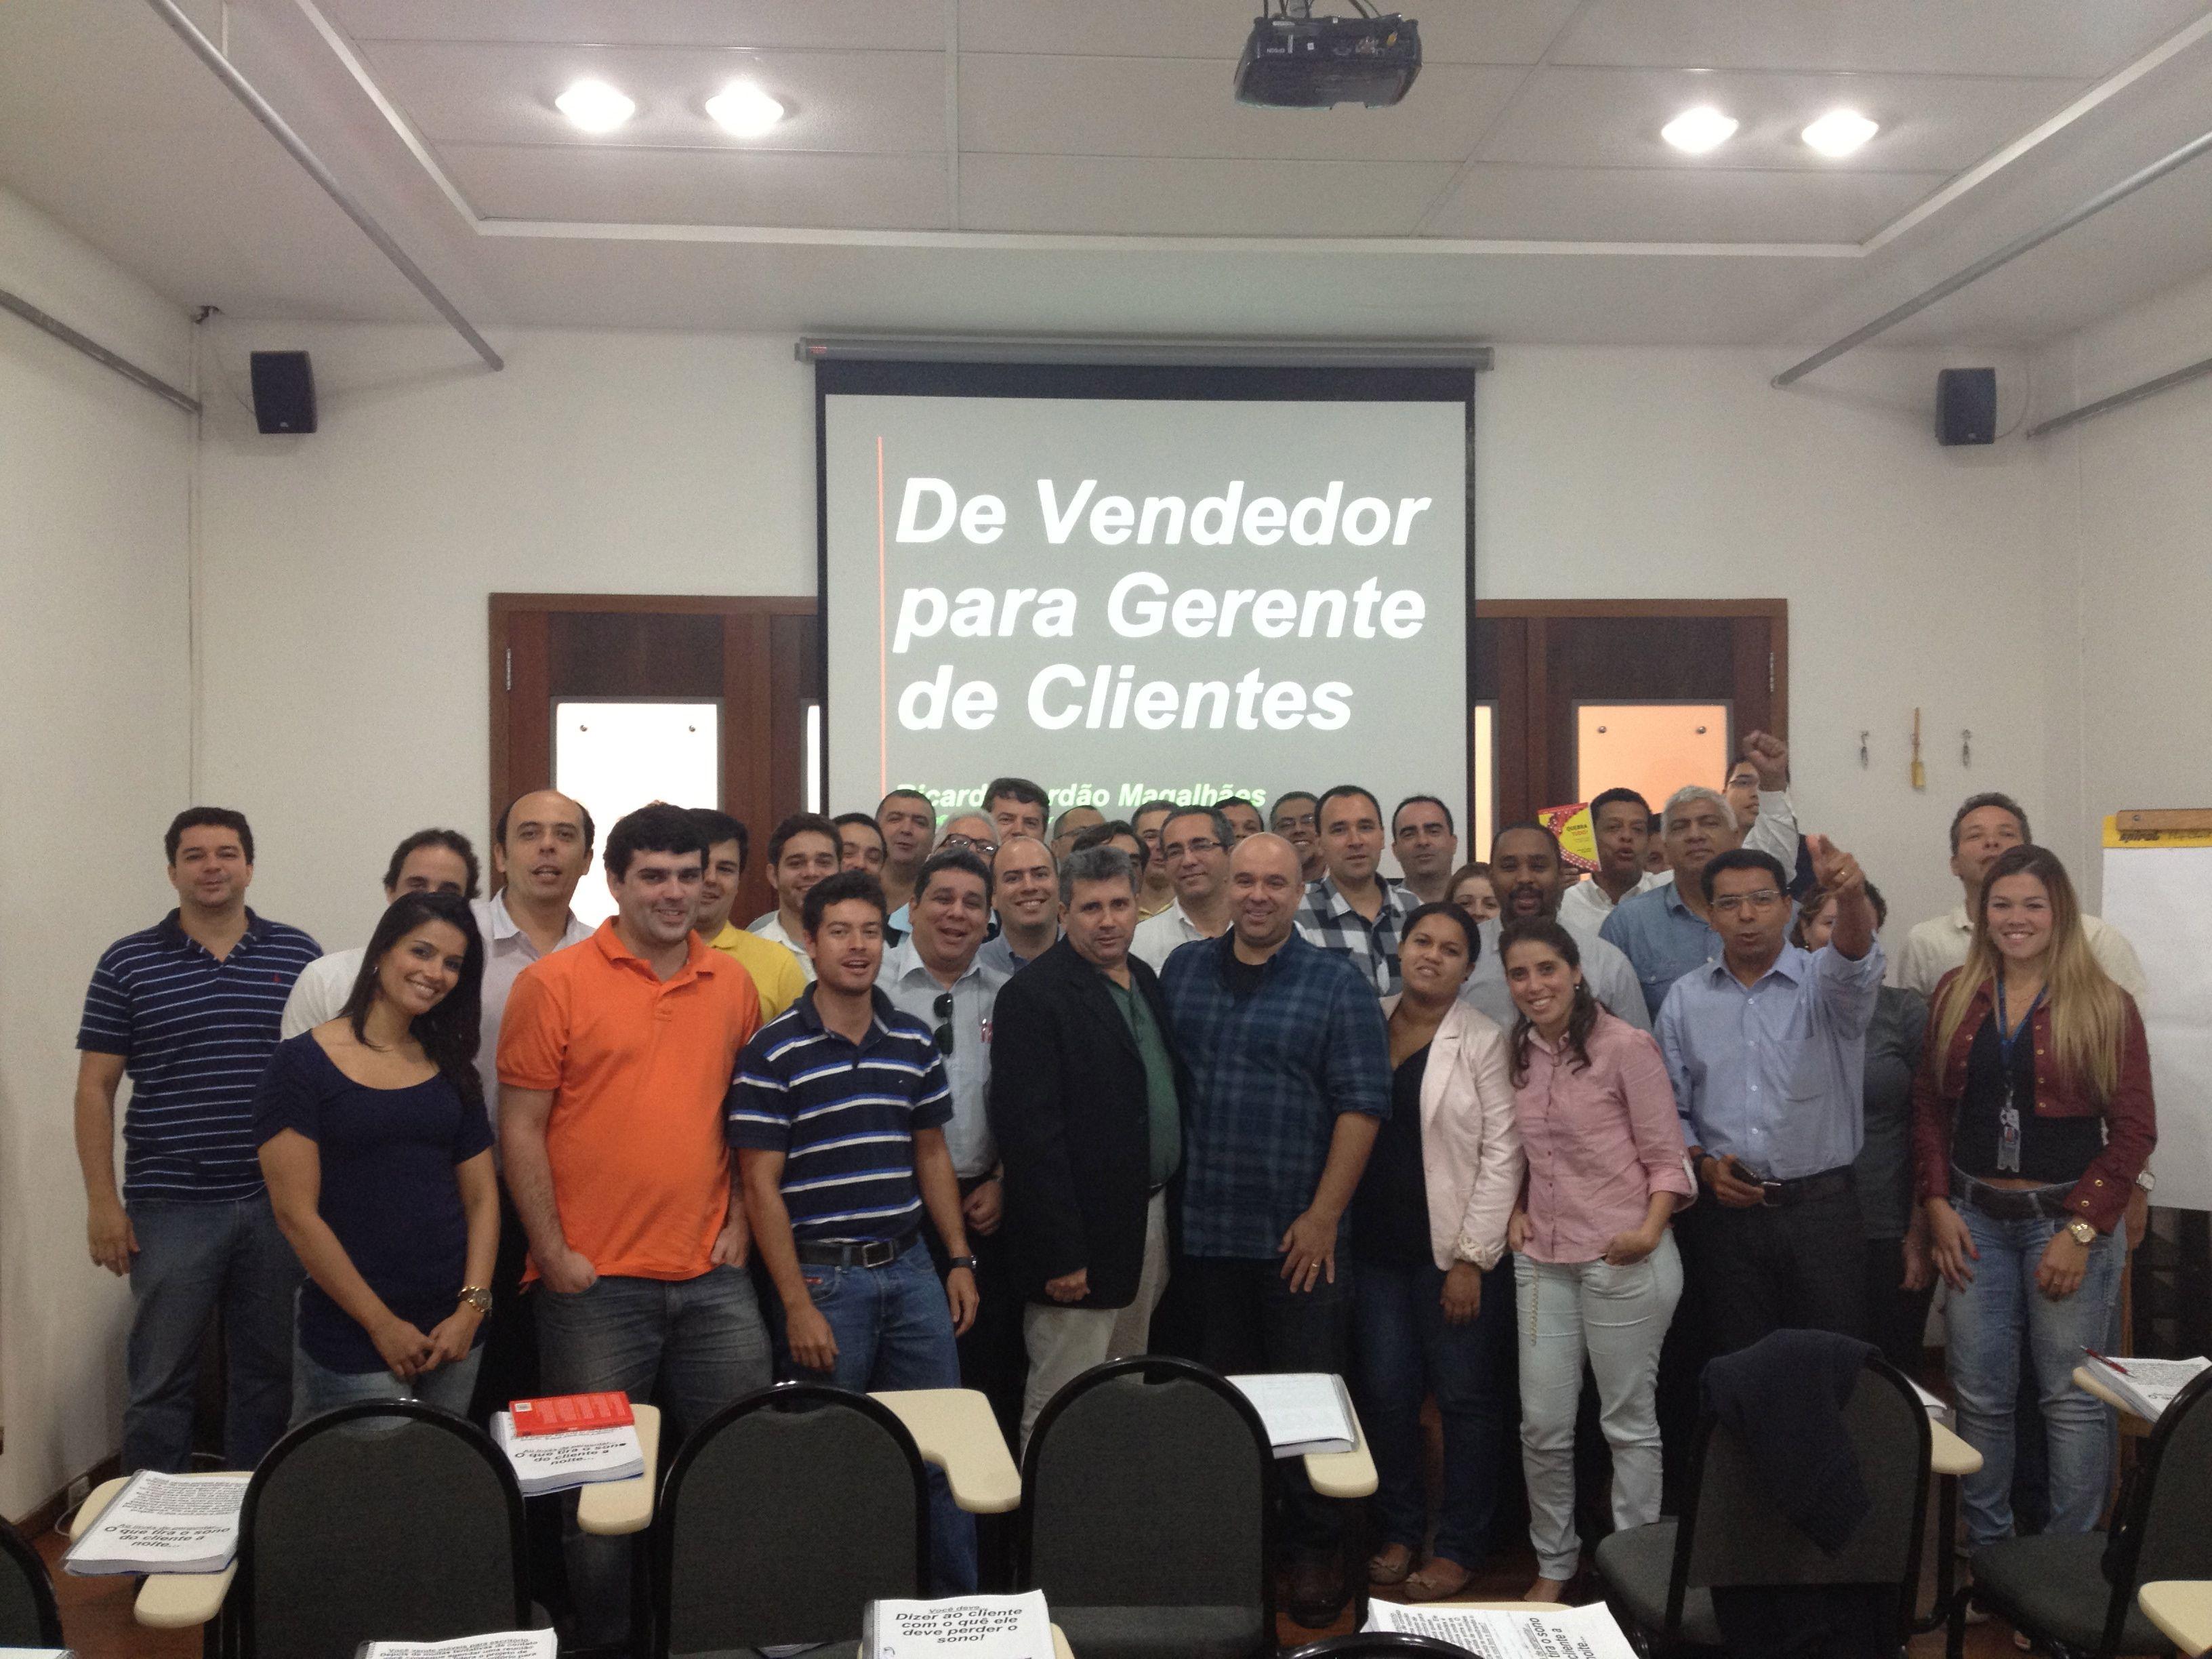 Galera do Rio de Janeiro no Curso de Vendas da BIZ.